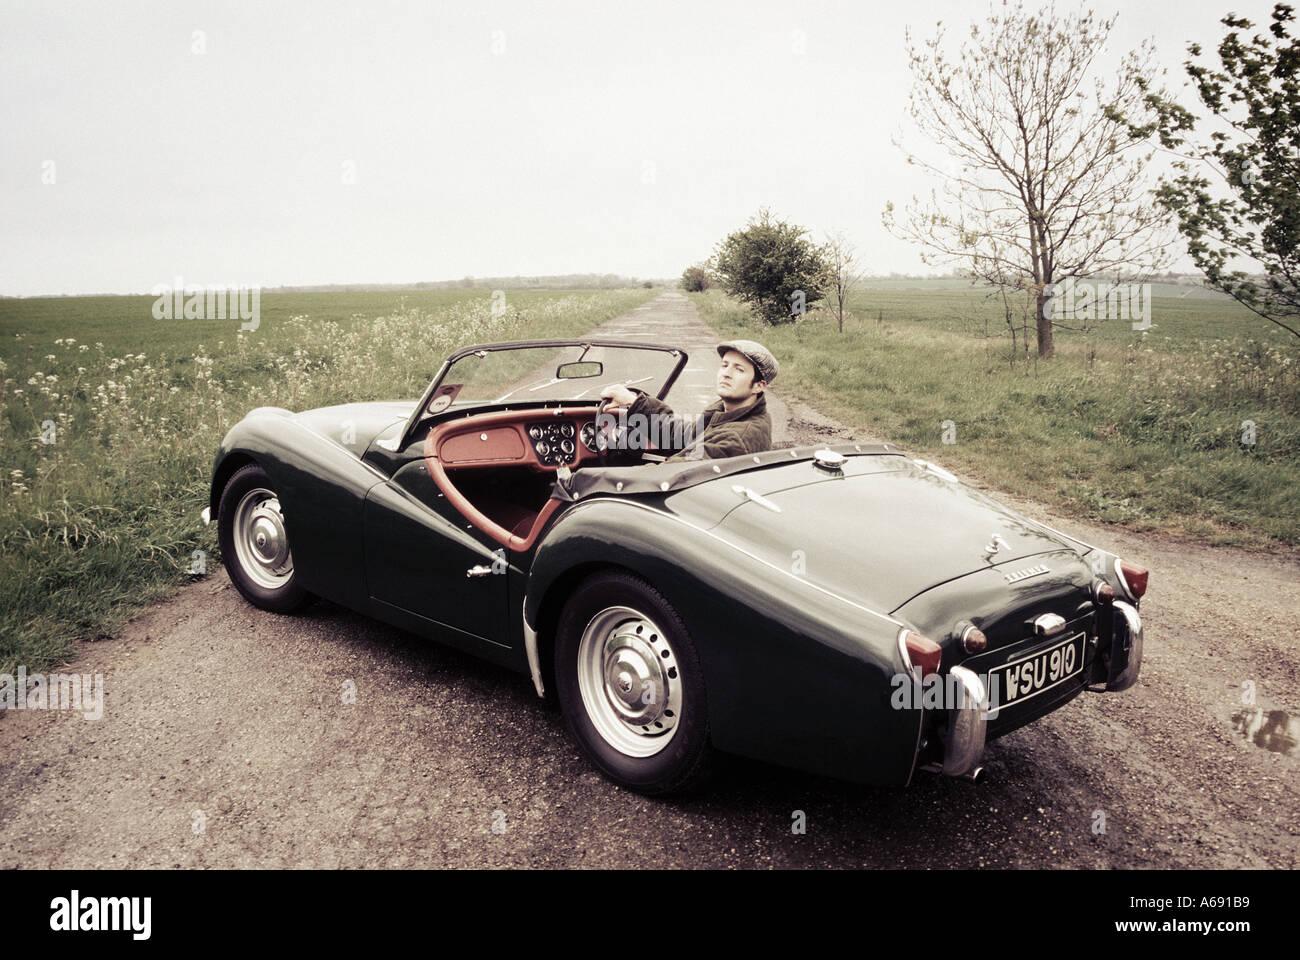 posh bloke in car - Stock Image